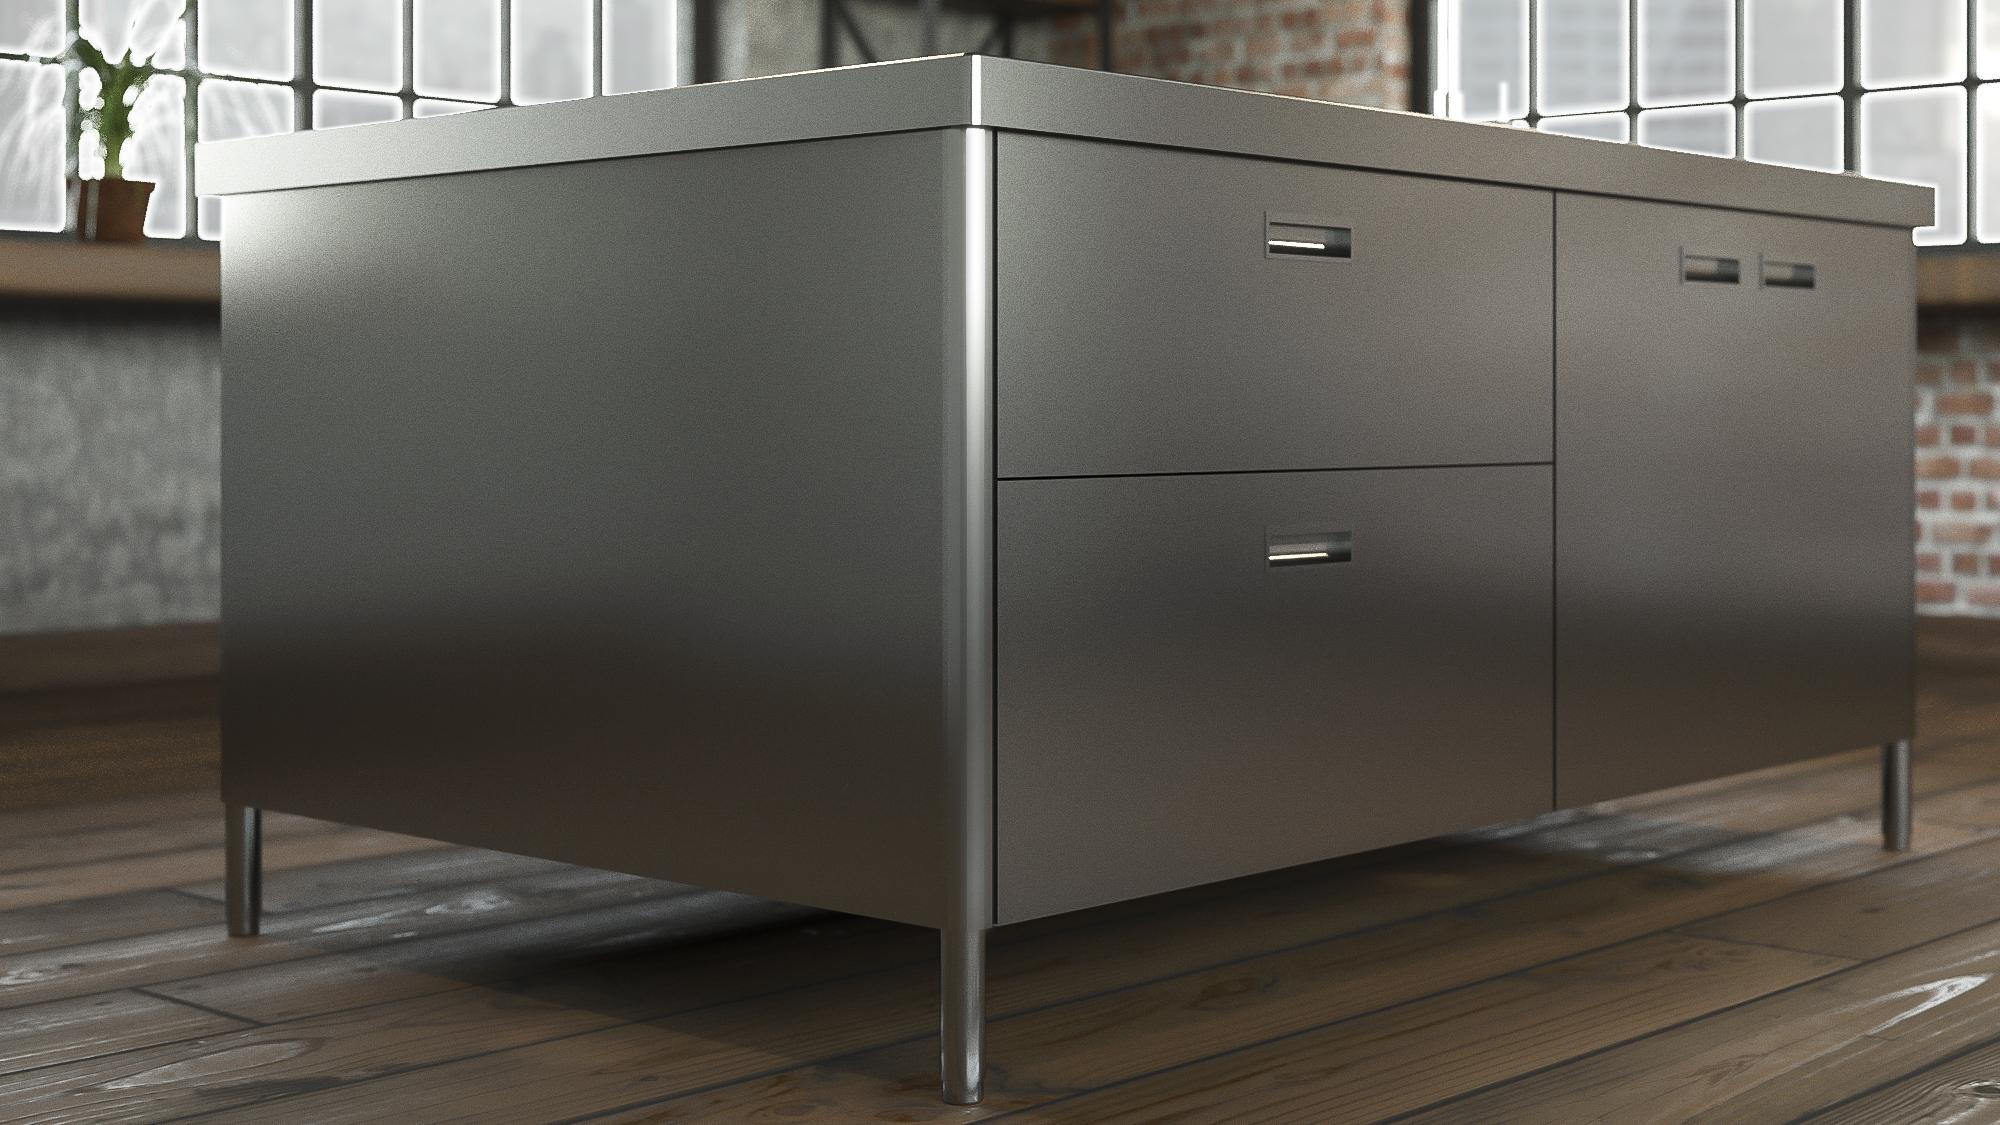 Arca Cucine Italy - Domestic stainless steel kitchens - Monoblock Inox - Levanto